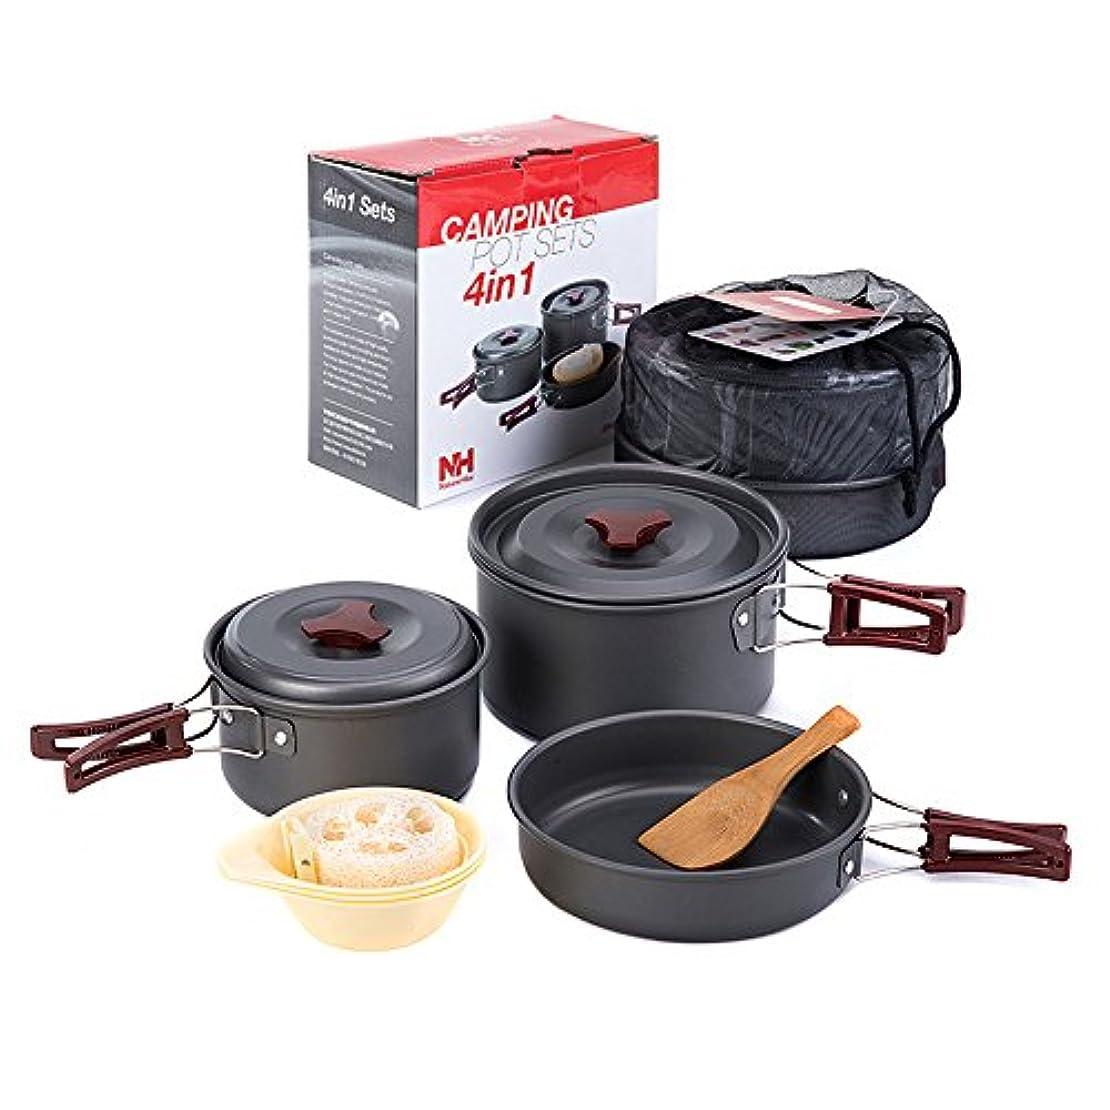 憂慮すべき心のこもった状況Tentock キャンプ用調理器具 テーブルウェア ピニック ハイキング アウトドア 料理用メッシュキット 軽量 コンパクト調理セット 2~3人用